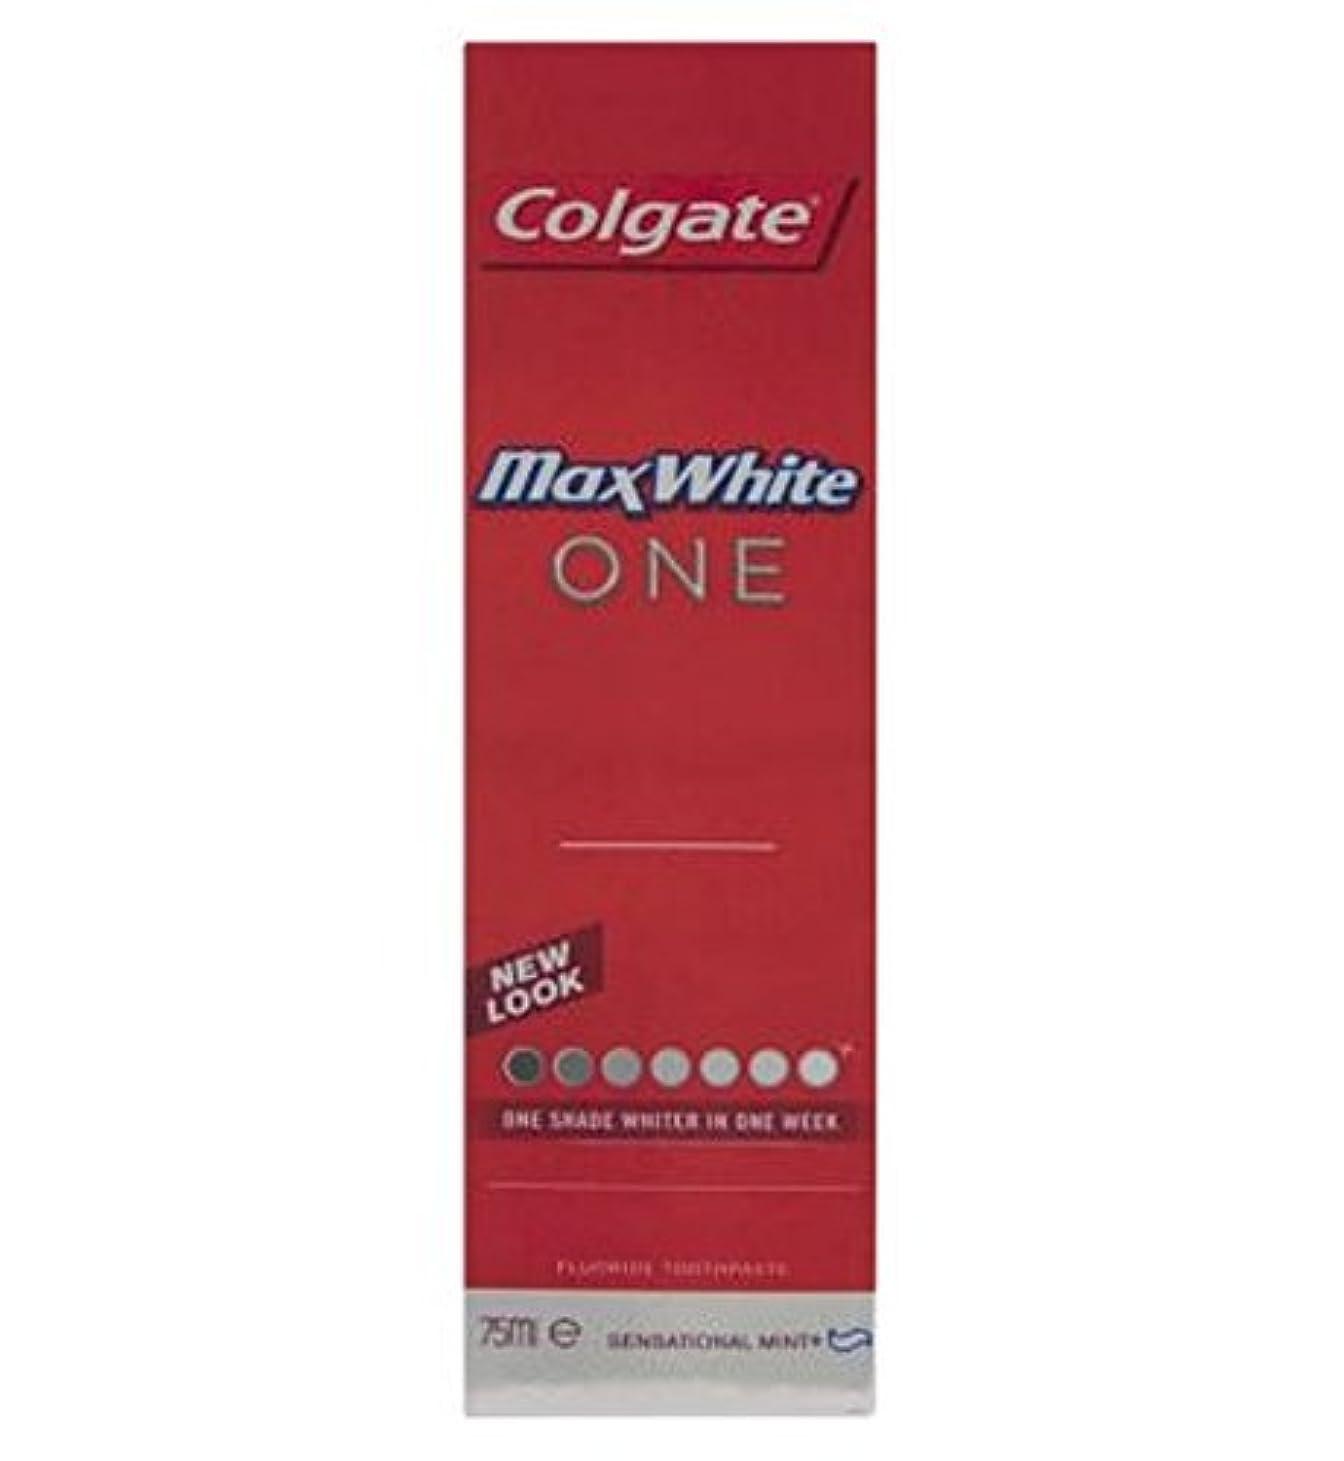 繊毛規定最初にColgate Max White One Fresh toothpaste 75ml - コルゲートマックスホワイト1新鮮な歯磨き粉75ミリリットル (Colgate) [並行輸入品]